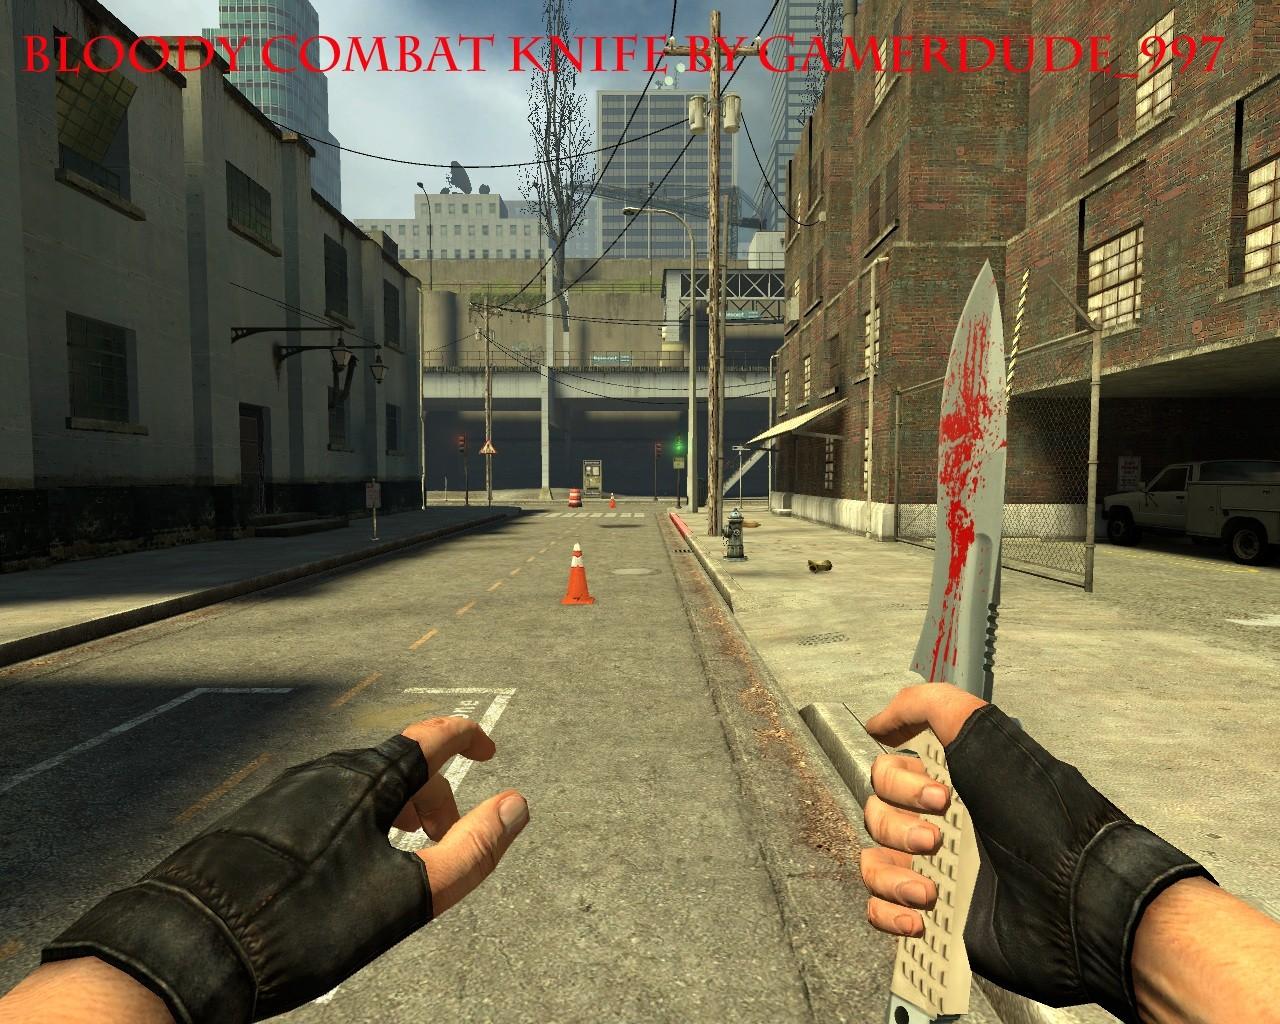 دانلود اسکین Bloody Combat Knife  برای کانتر سورس